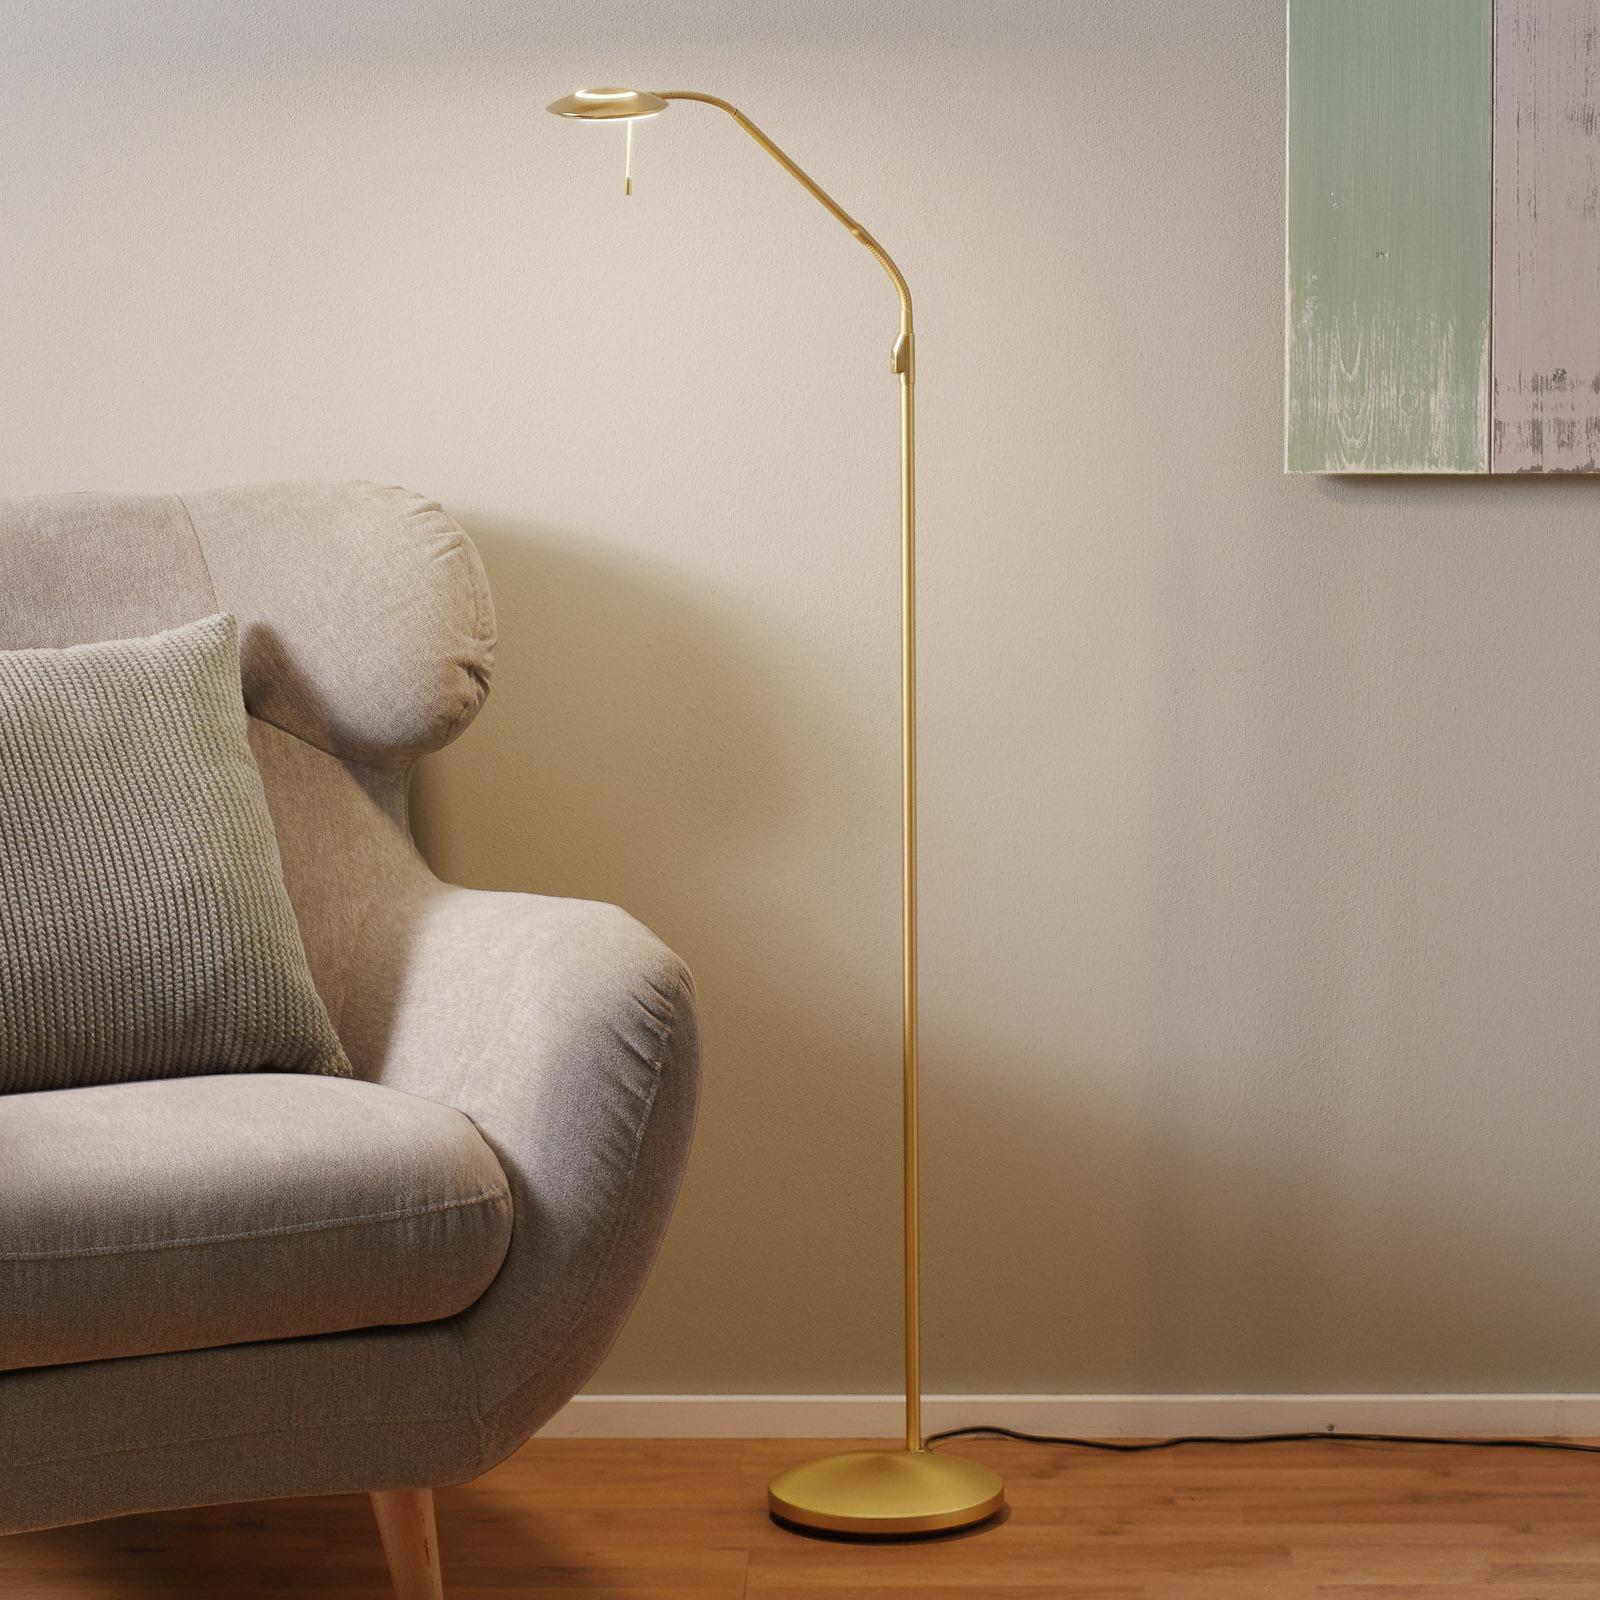 Jak mosiądz, lampa stojąca LED Zenith, ściemniacz